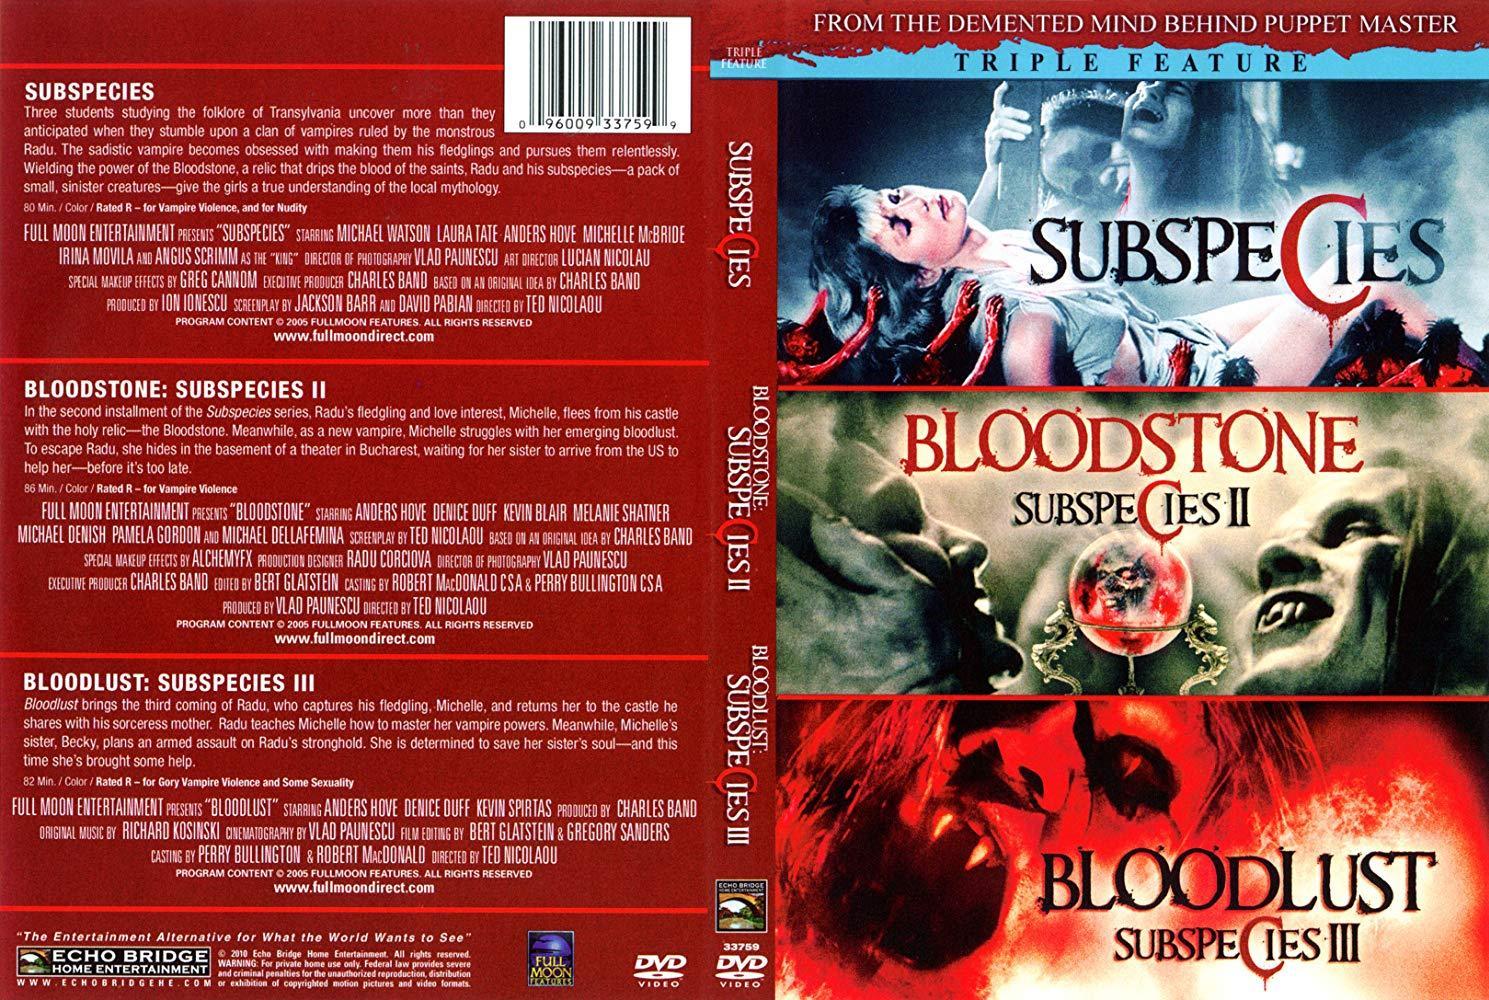 مشاهدة فيلم Bloodstone Subspecies II 1993 HD مترجم كامل اون لاين